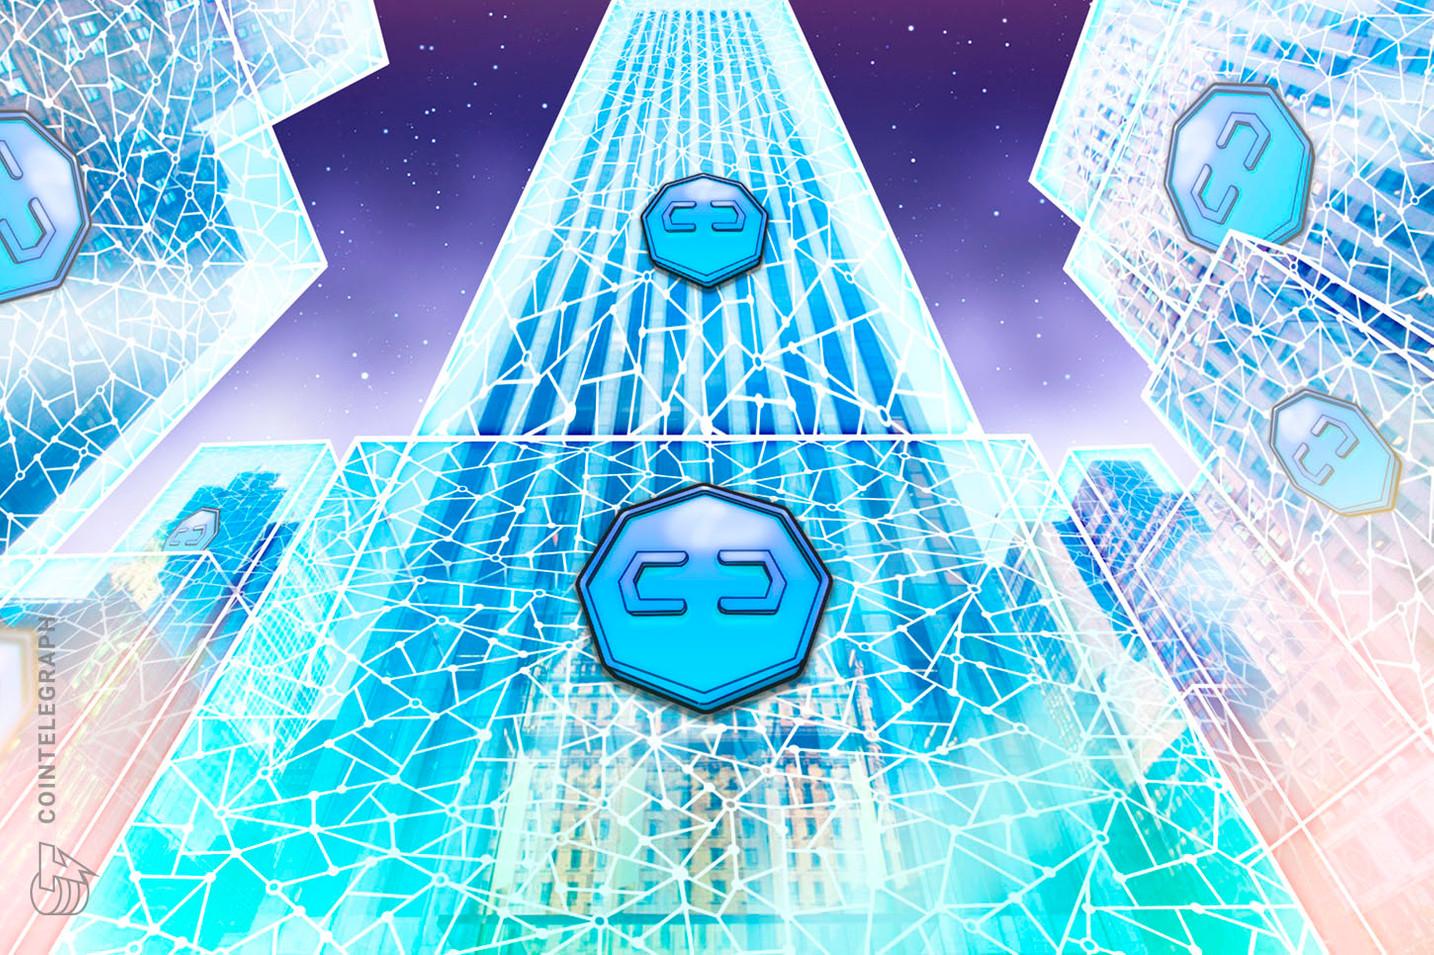 Informe de Chainalysis: Los inversores institucionales dominaron la escena DeFi en el segundo trimestre de 2021